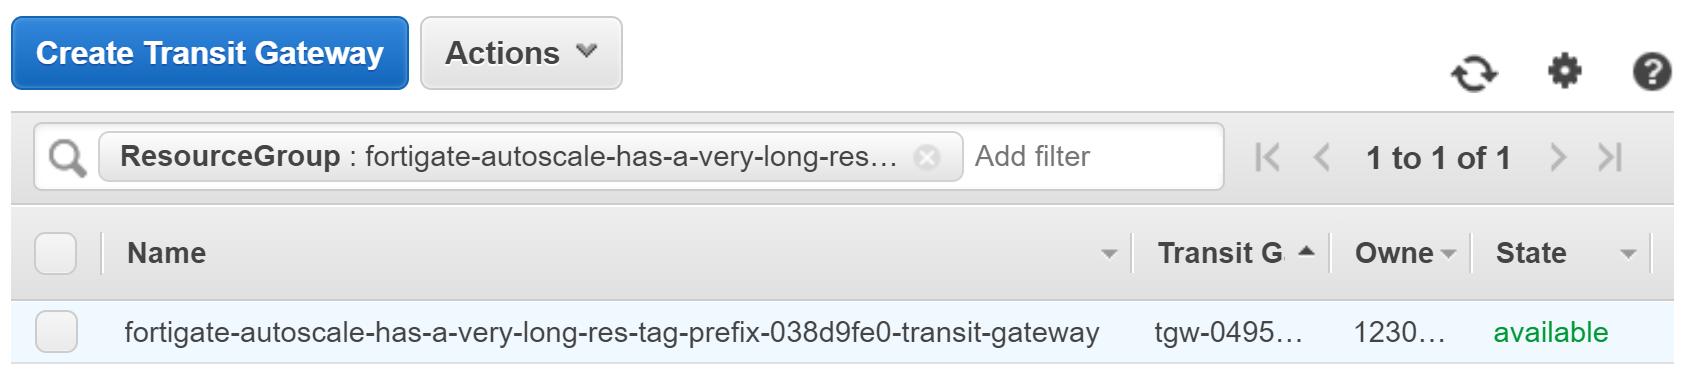 Filtered Transit Gateways